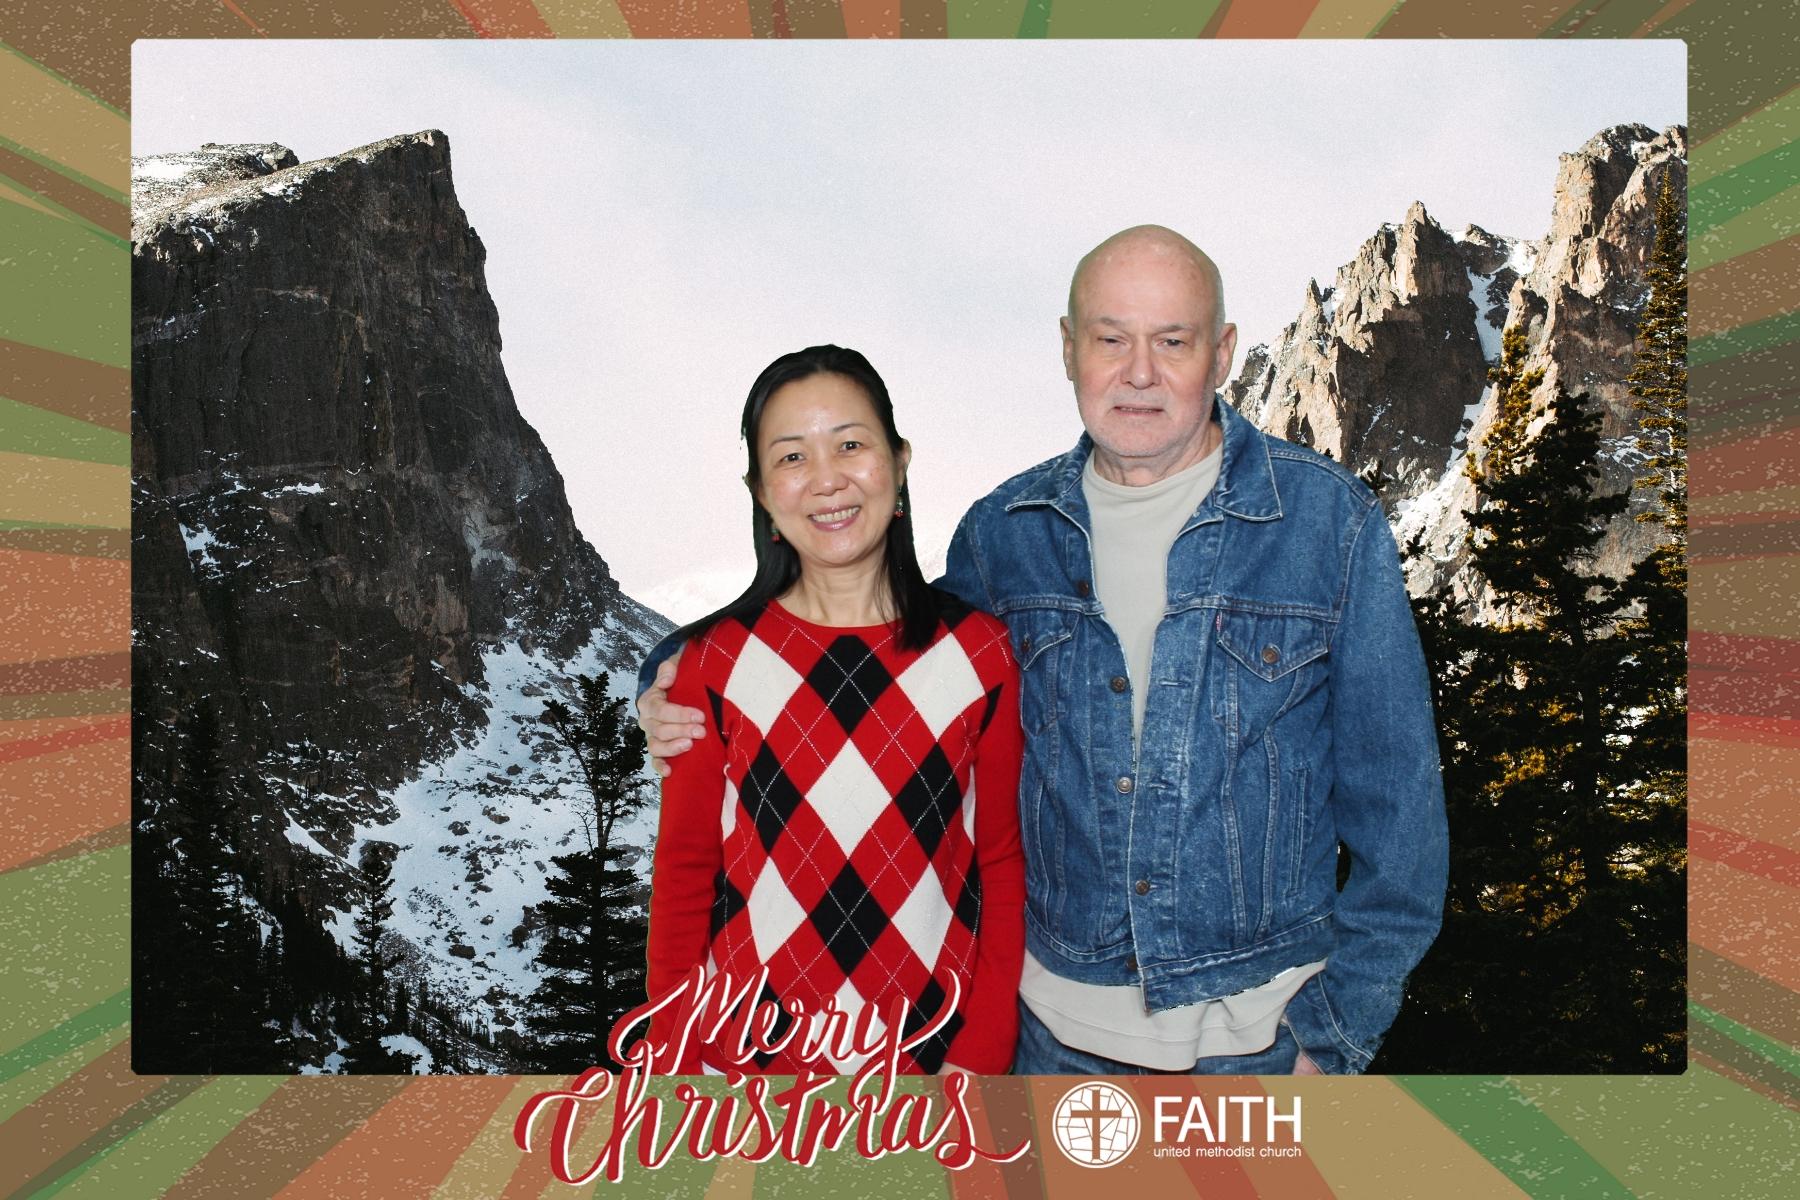 Faith2018_2018-12-24_17-30-49.jpg